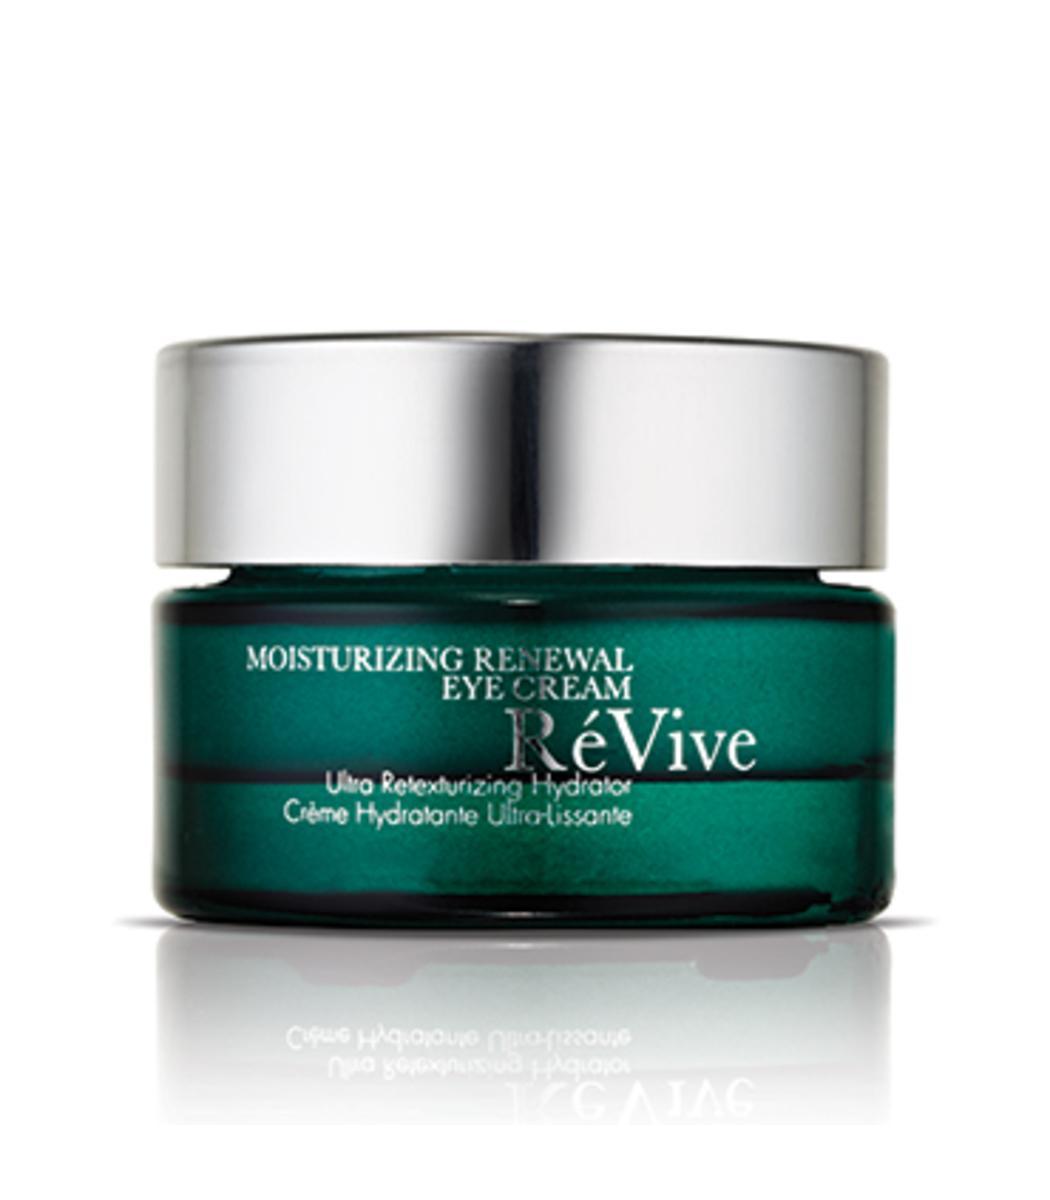 Revive Moisturizing Renewal Eye Cream In N/A